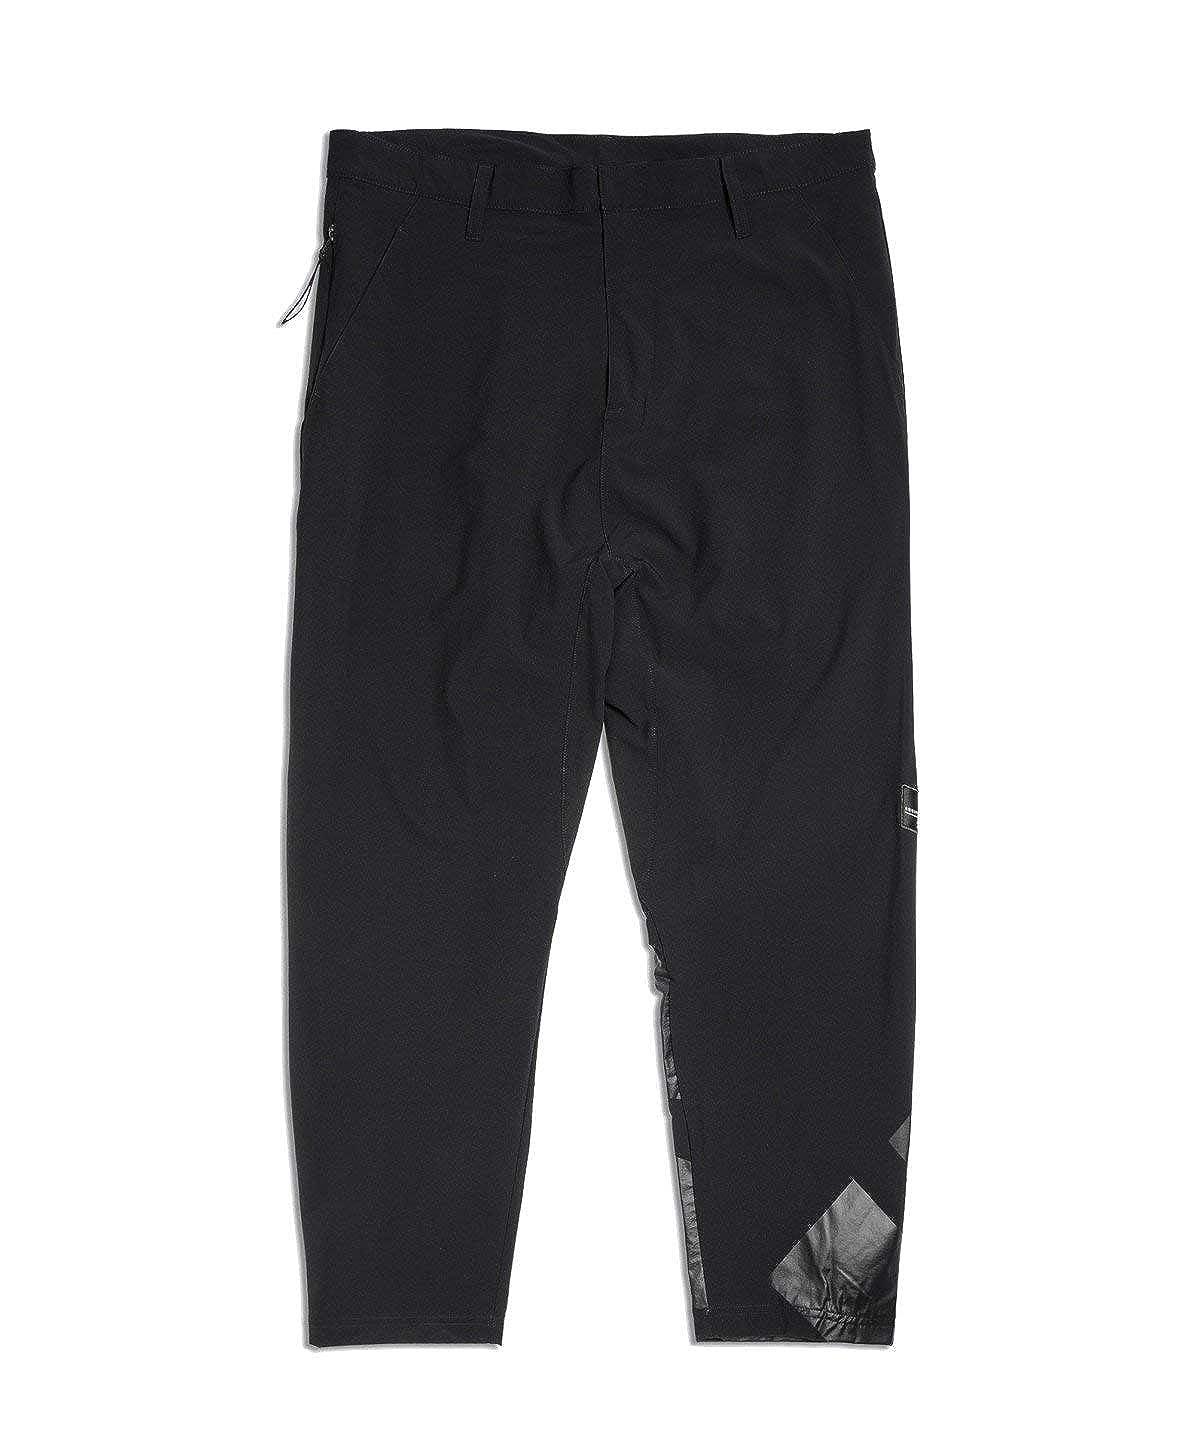 a5d28f53 adidas Originals EQT Tapered Bold Men's Track Pant (L): Amazon.co.uk:  Clothing